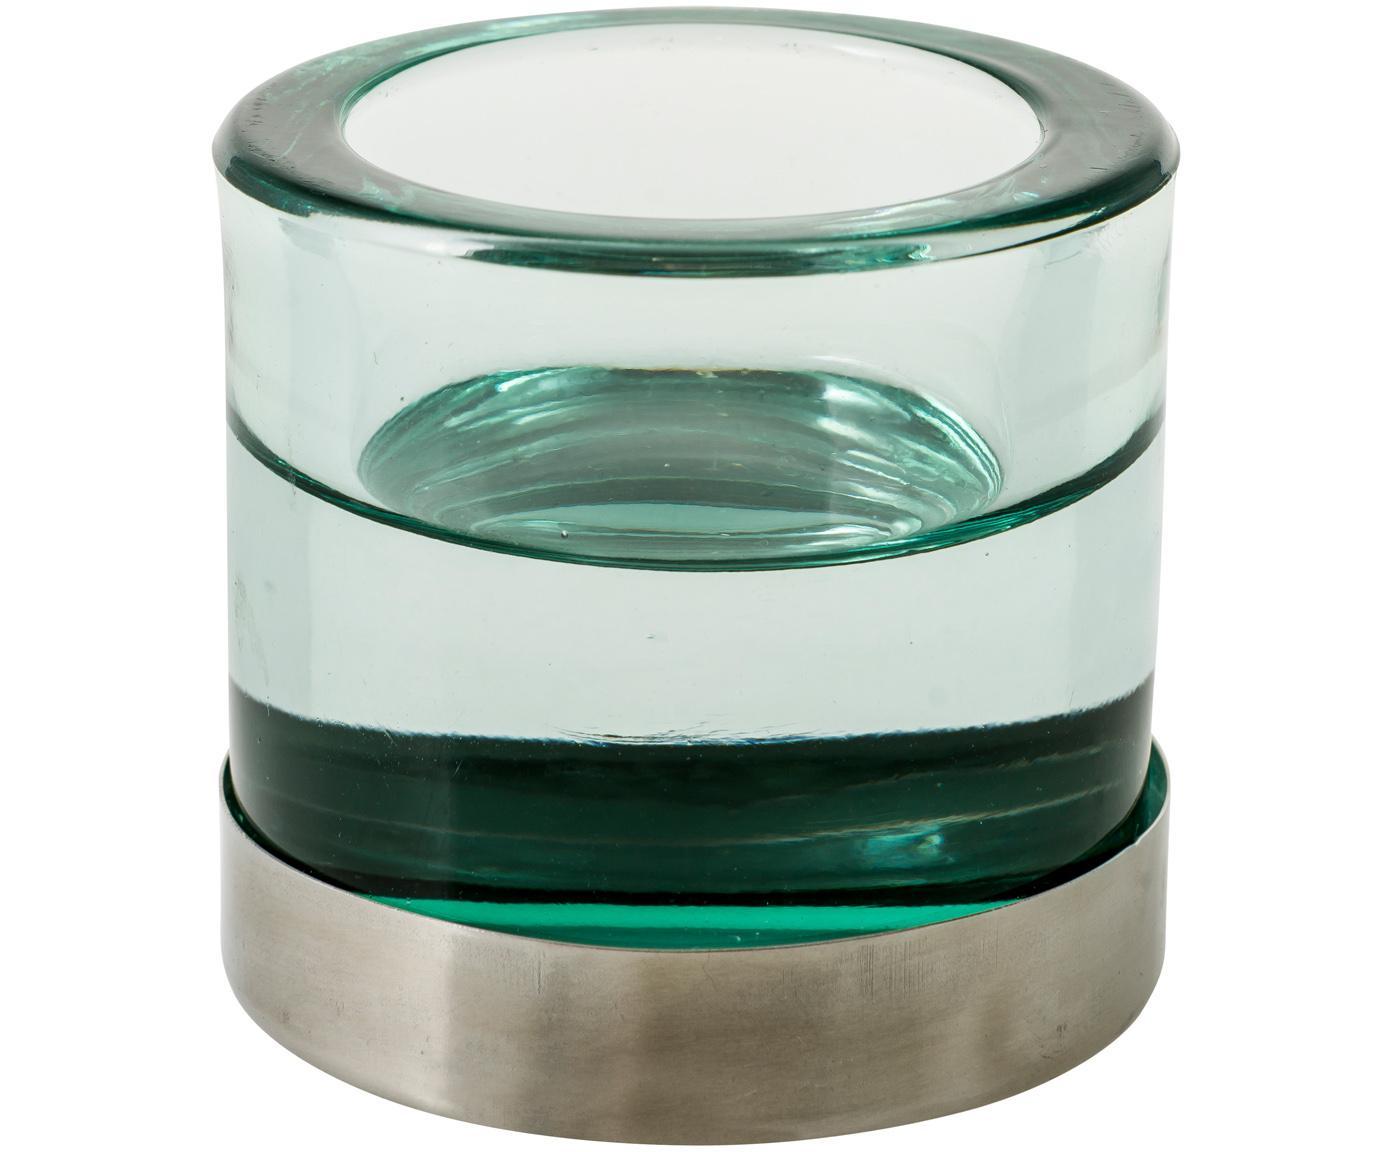 Teelichthalter Blanka, Glas, Metall, Grün, Silberfarben, Ø 6 x H 6 cm